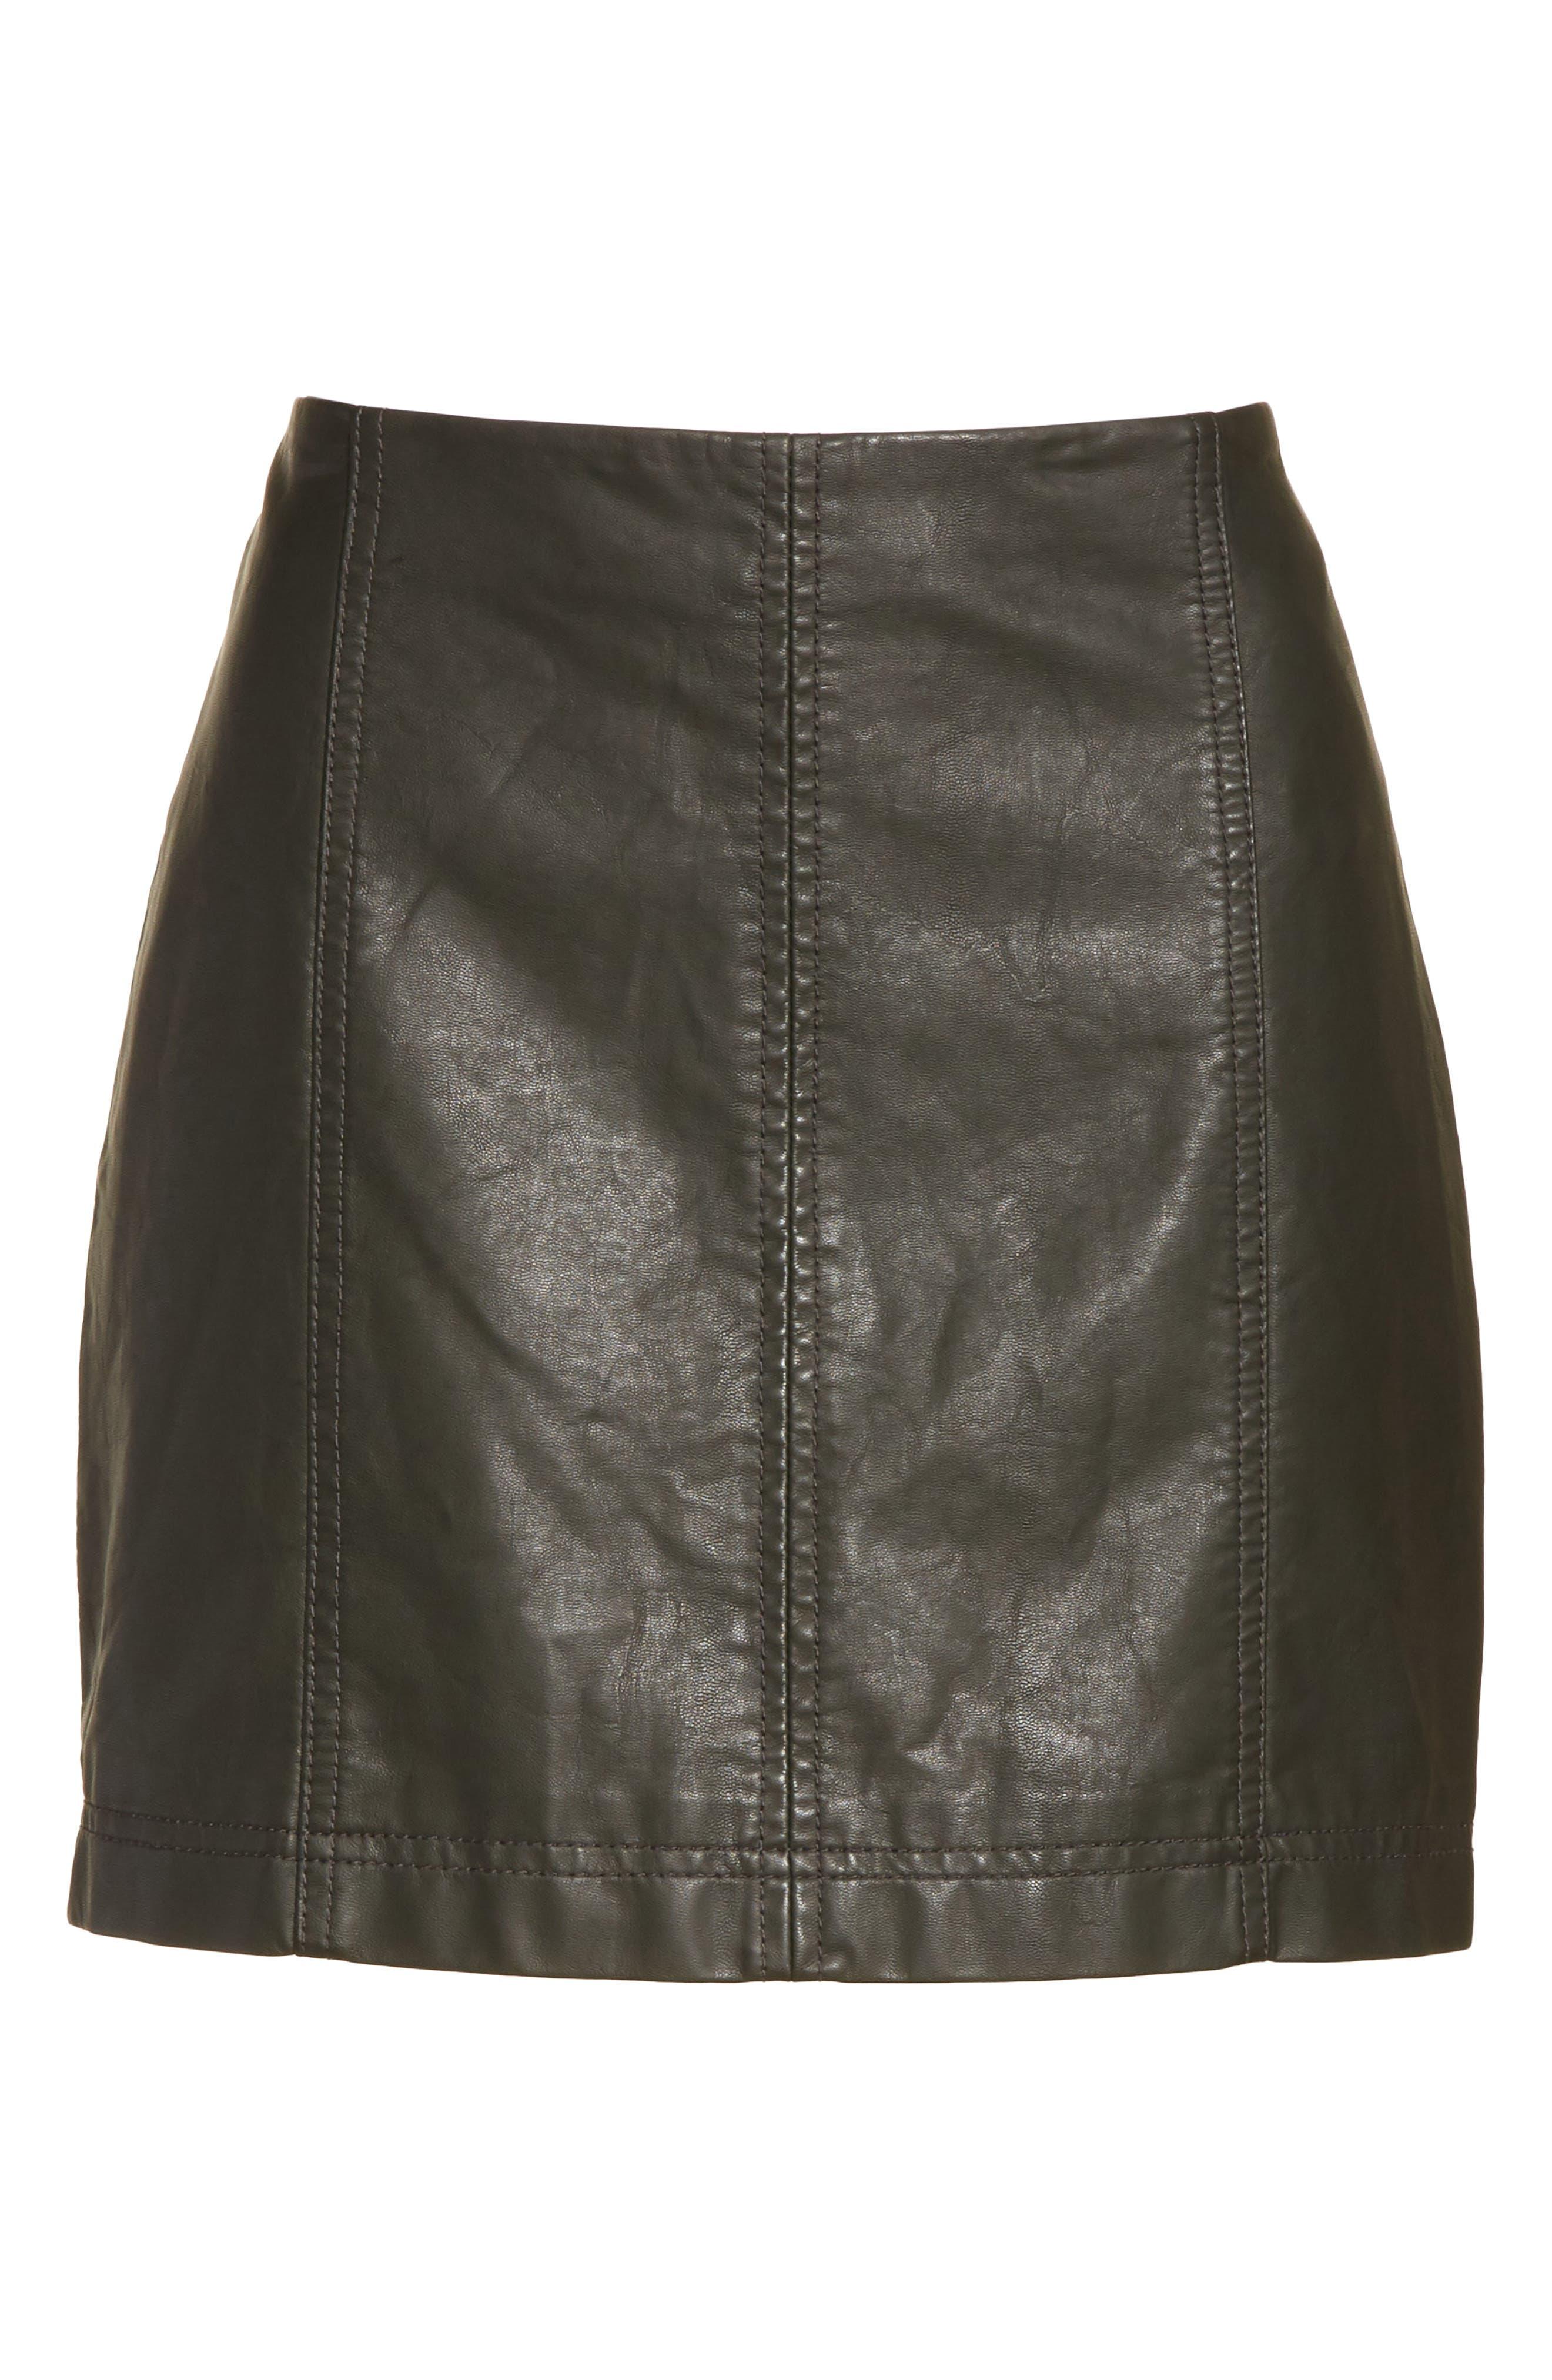 Modern Femme Faux Leather Miniskirt,                             Alternate thumbnail 6, color,                             300